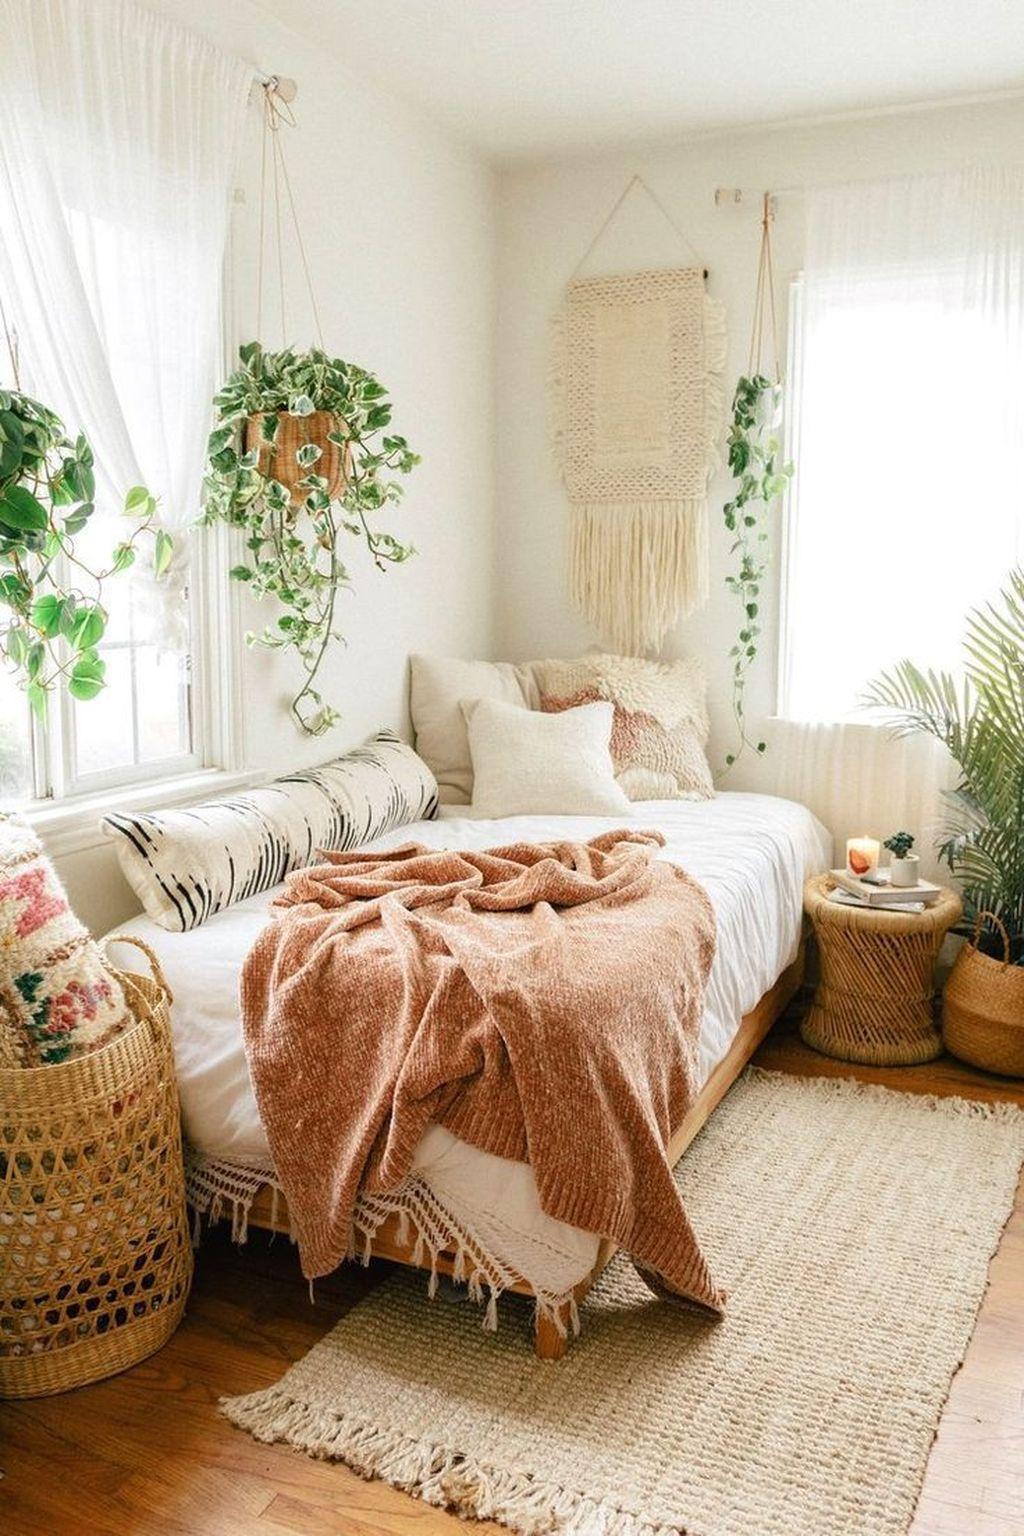 Unique Diy Hippie House Decor Ideas For Best Inspirations 26